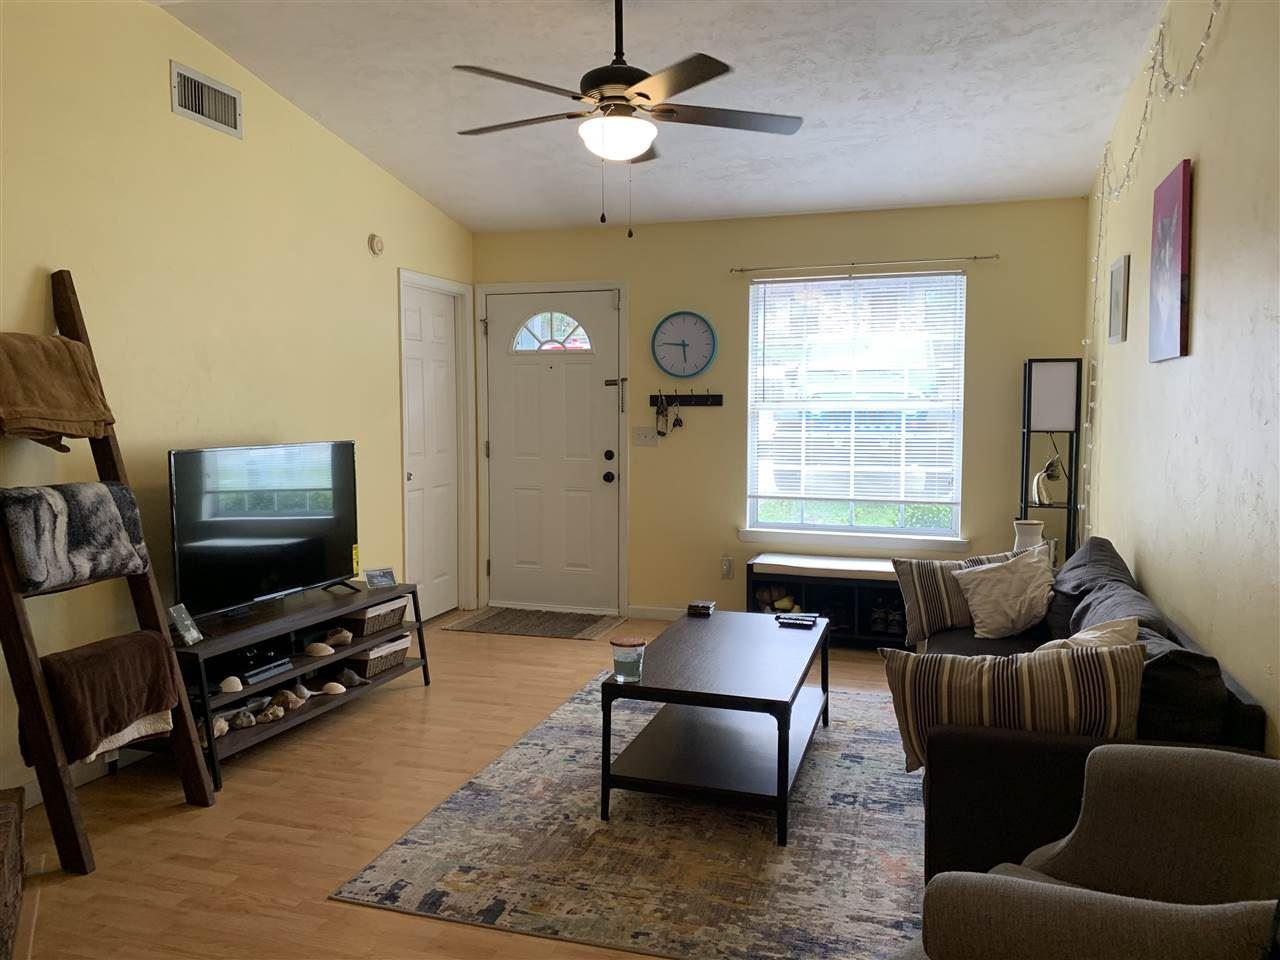 Photo of 2483 Talco Hills Drive #A, TALLAHASSEE, FL 32303 (MLS # 324024)